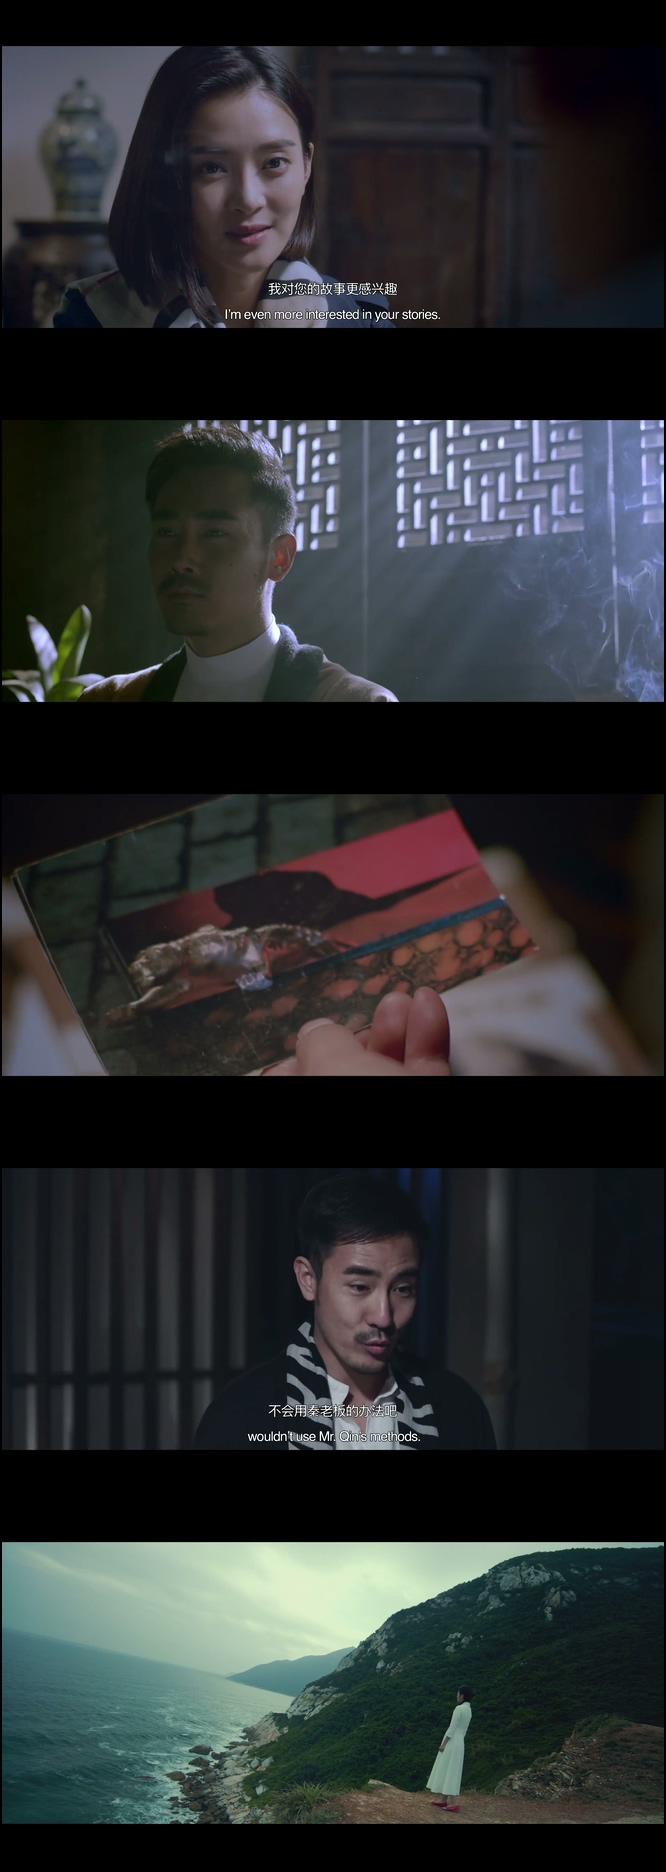 爱不可及.2018.MP4.HD.爱情.悬疑.中国大陆